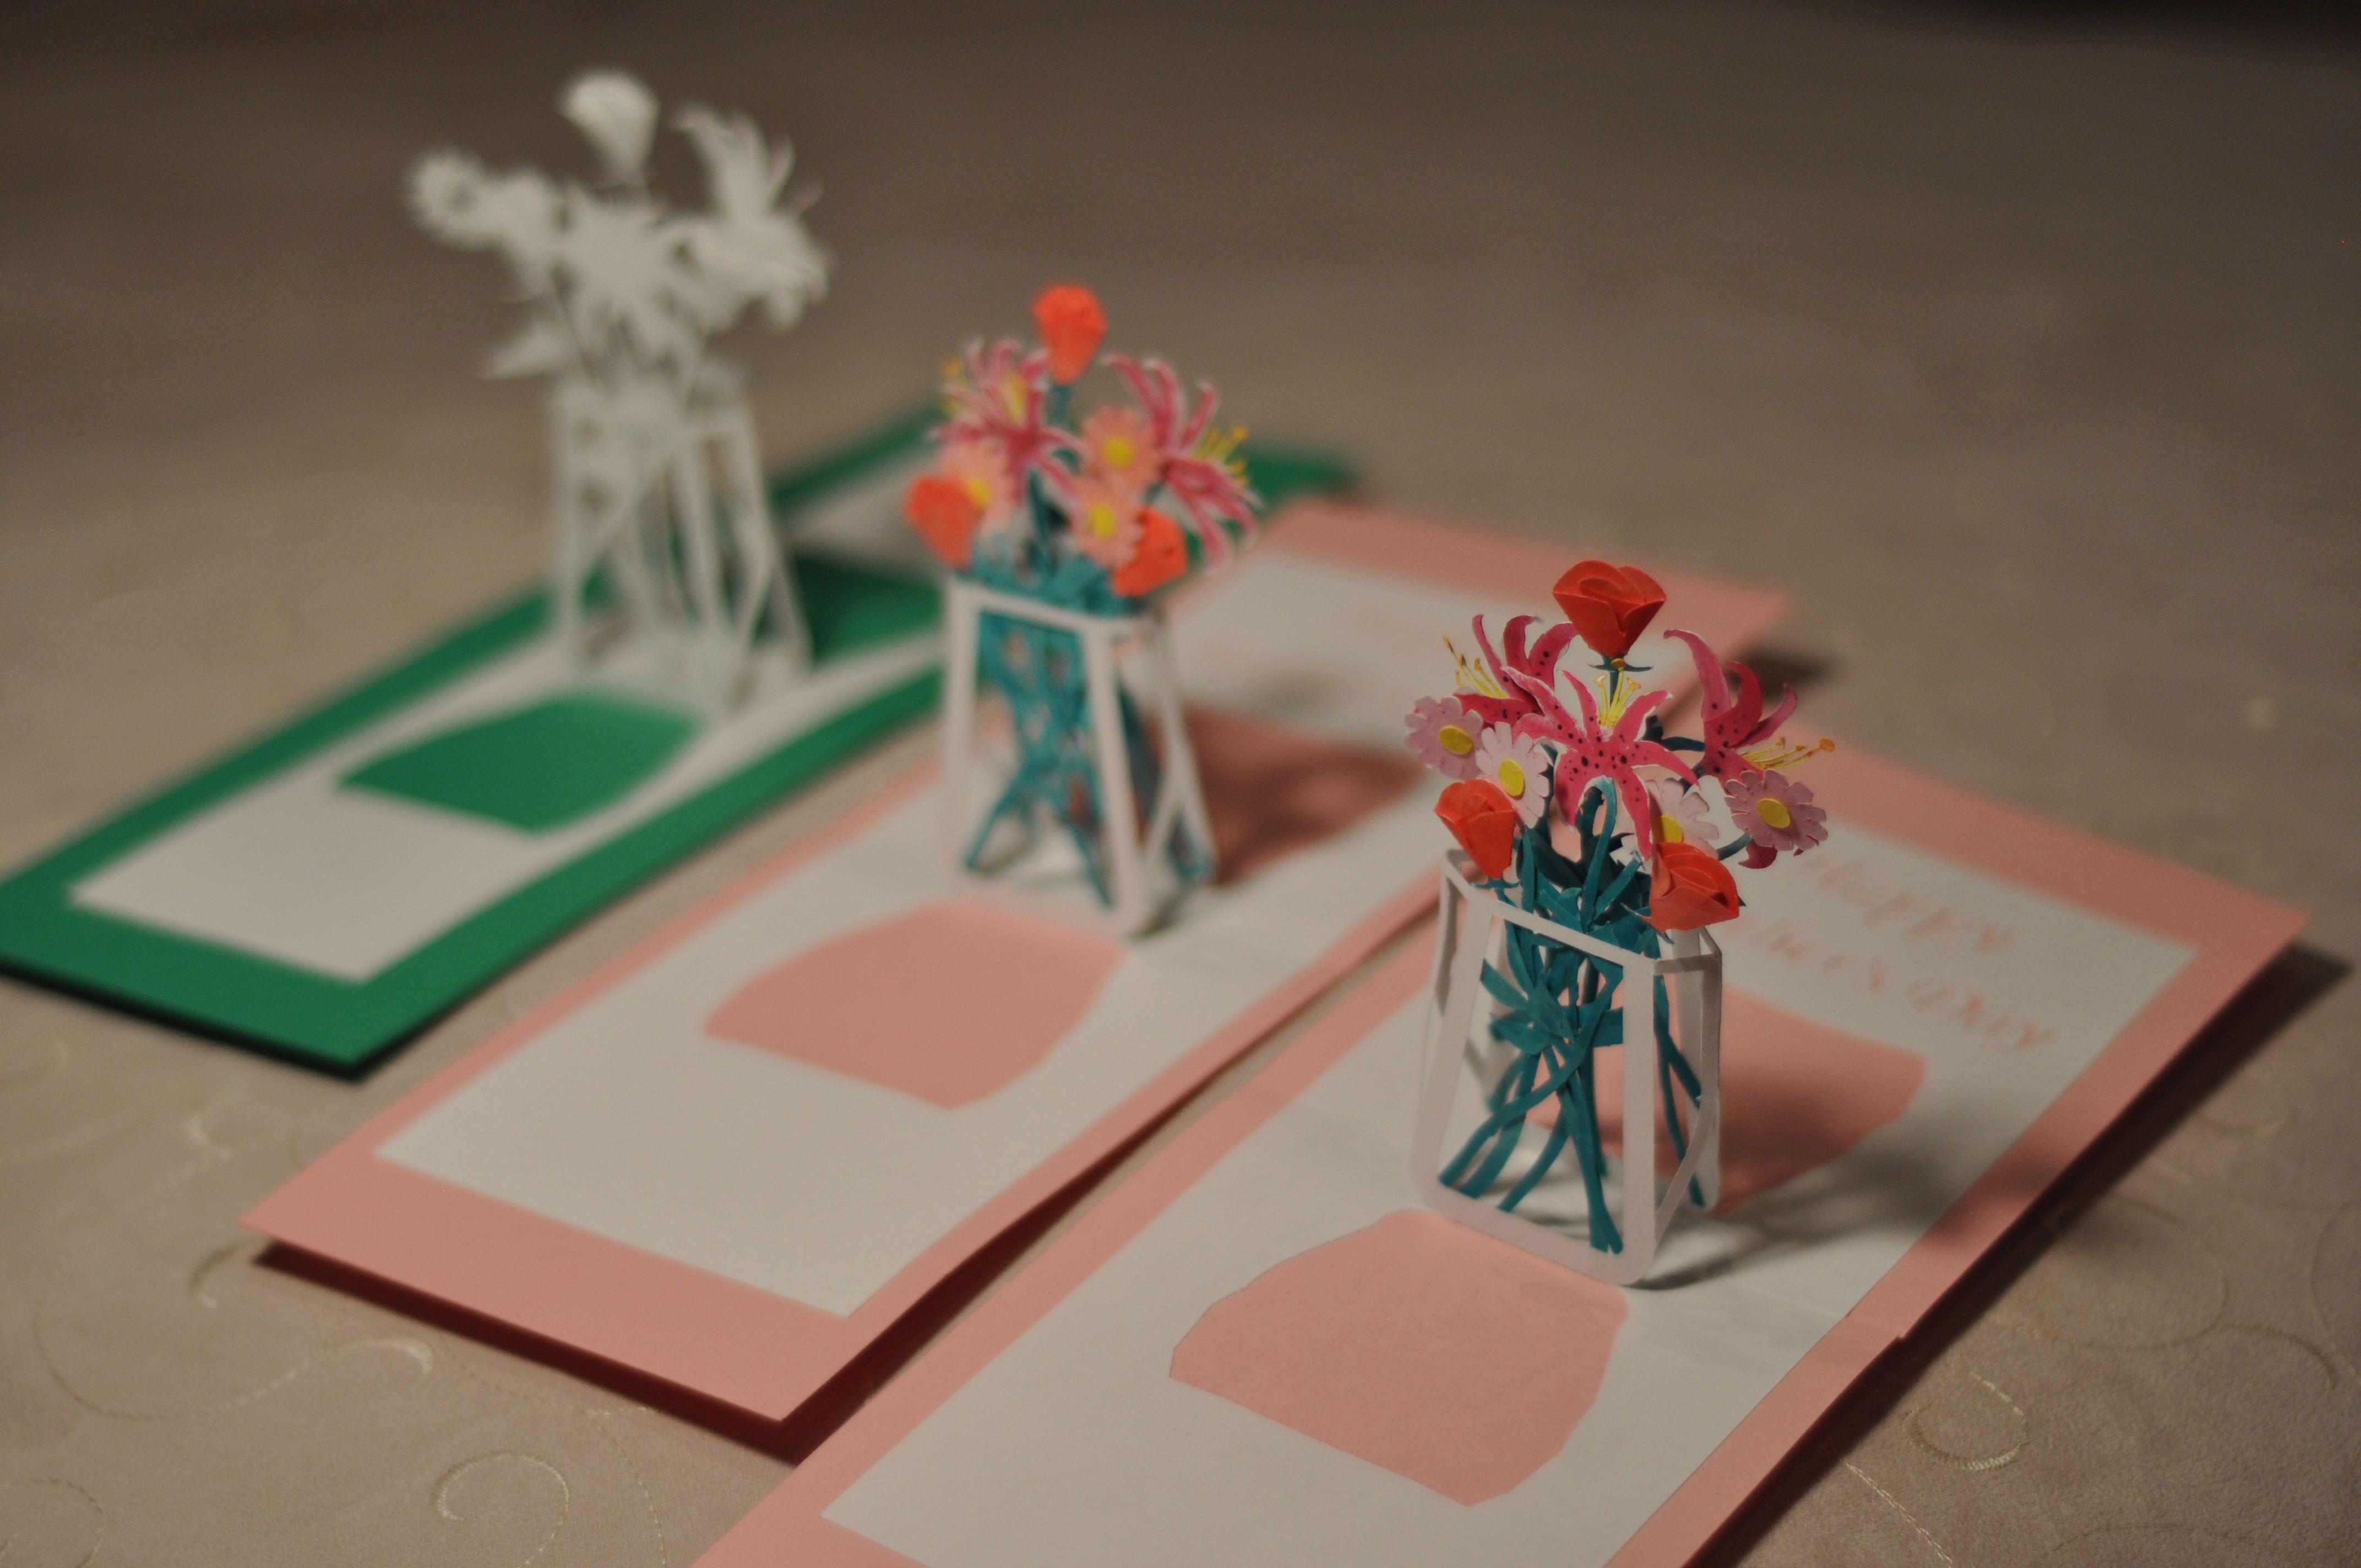 Flower Bouquet Pop Up Card Template Creative Pop Up Cards Pop Up Card Templates Pop Up Cards Pop Up Flower Cards